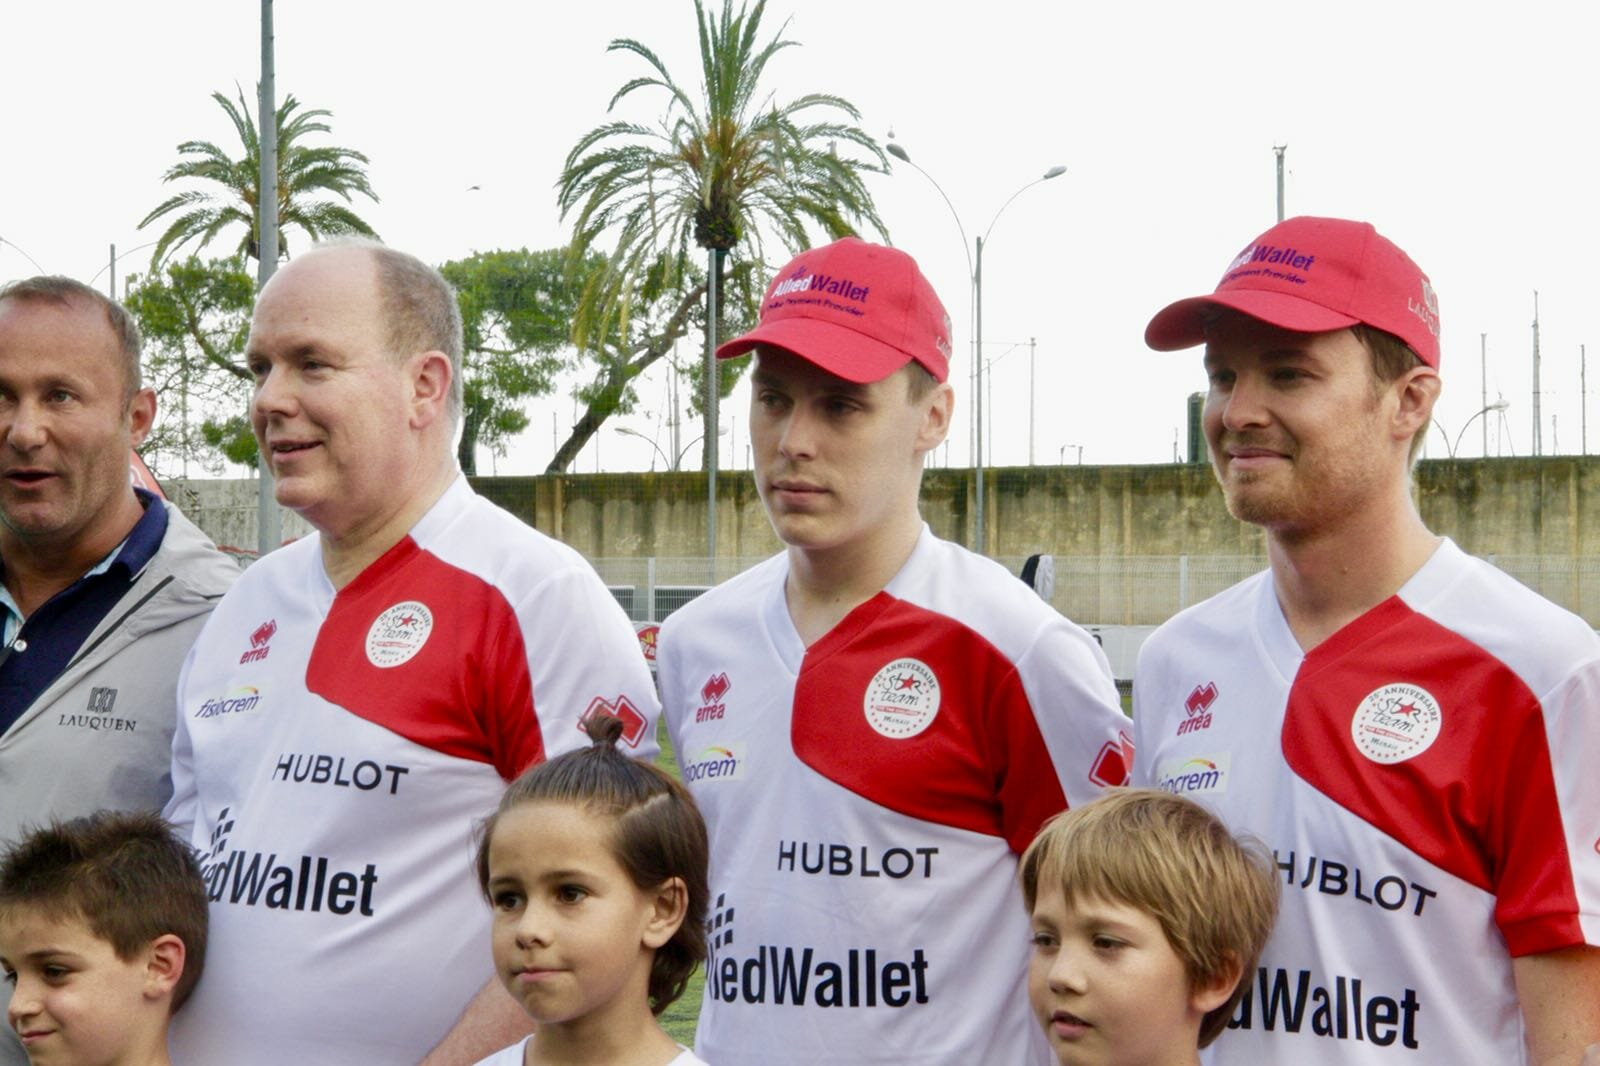 Команда Альбера II выступила против пилотов Формулы 1 в благотворительном матче